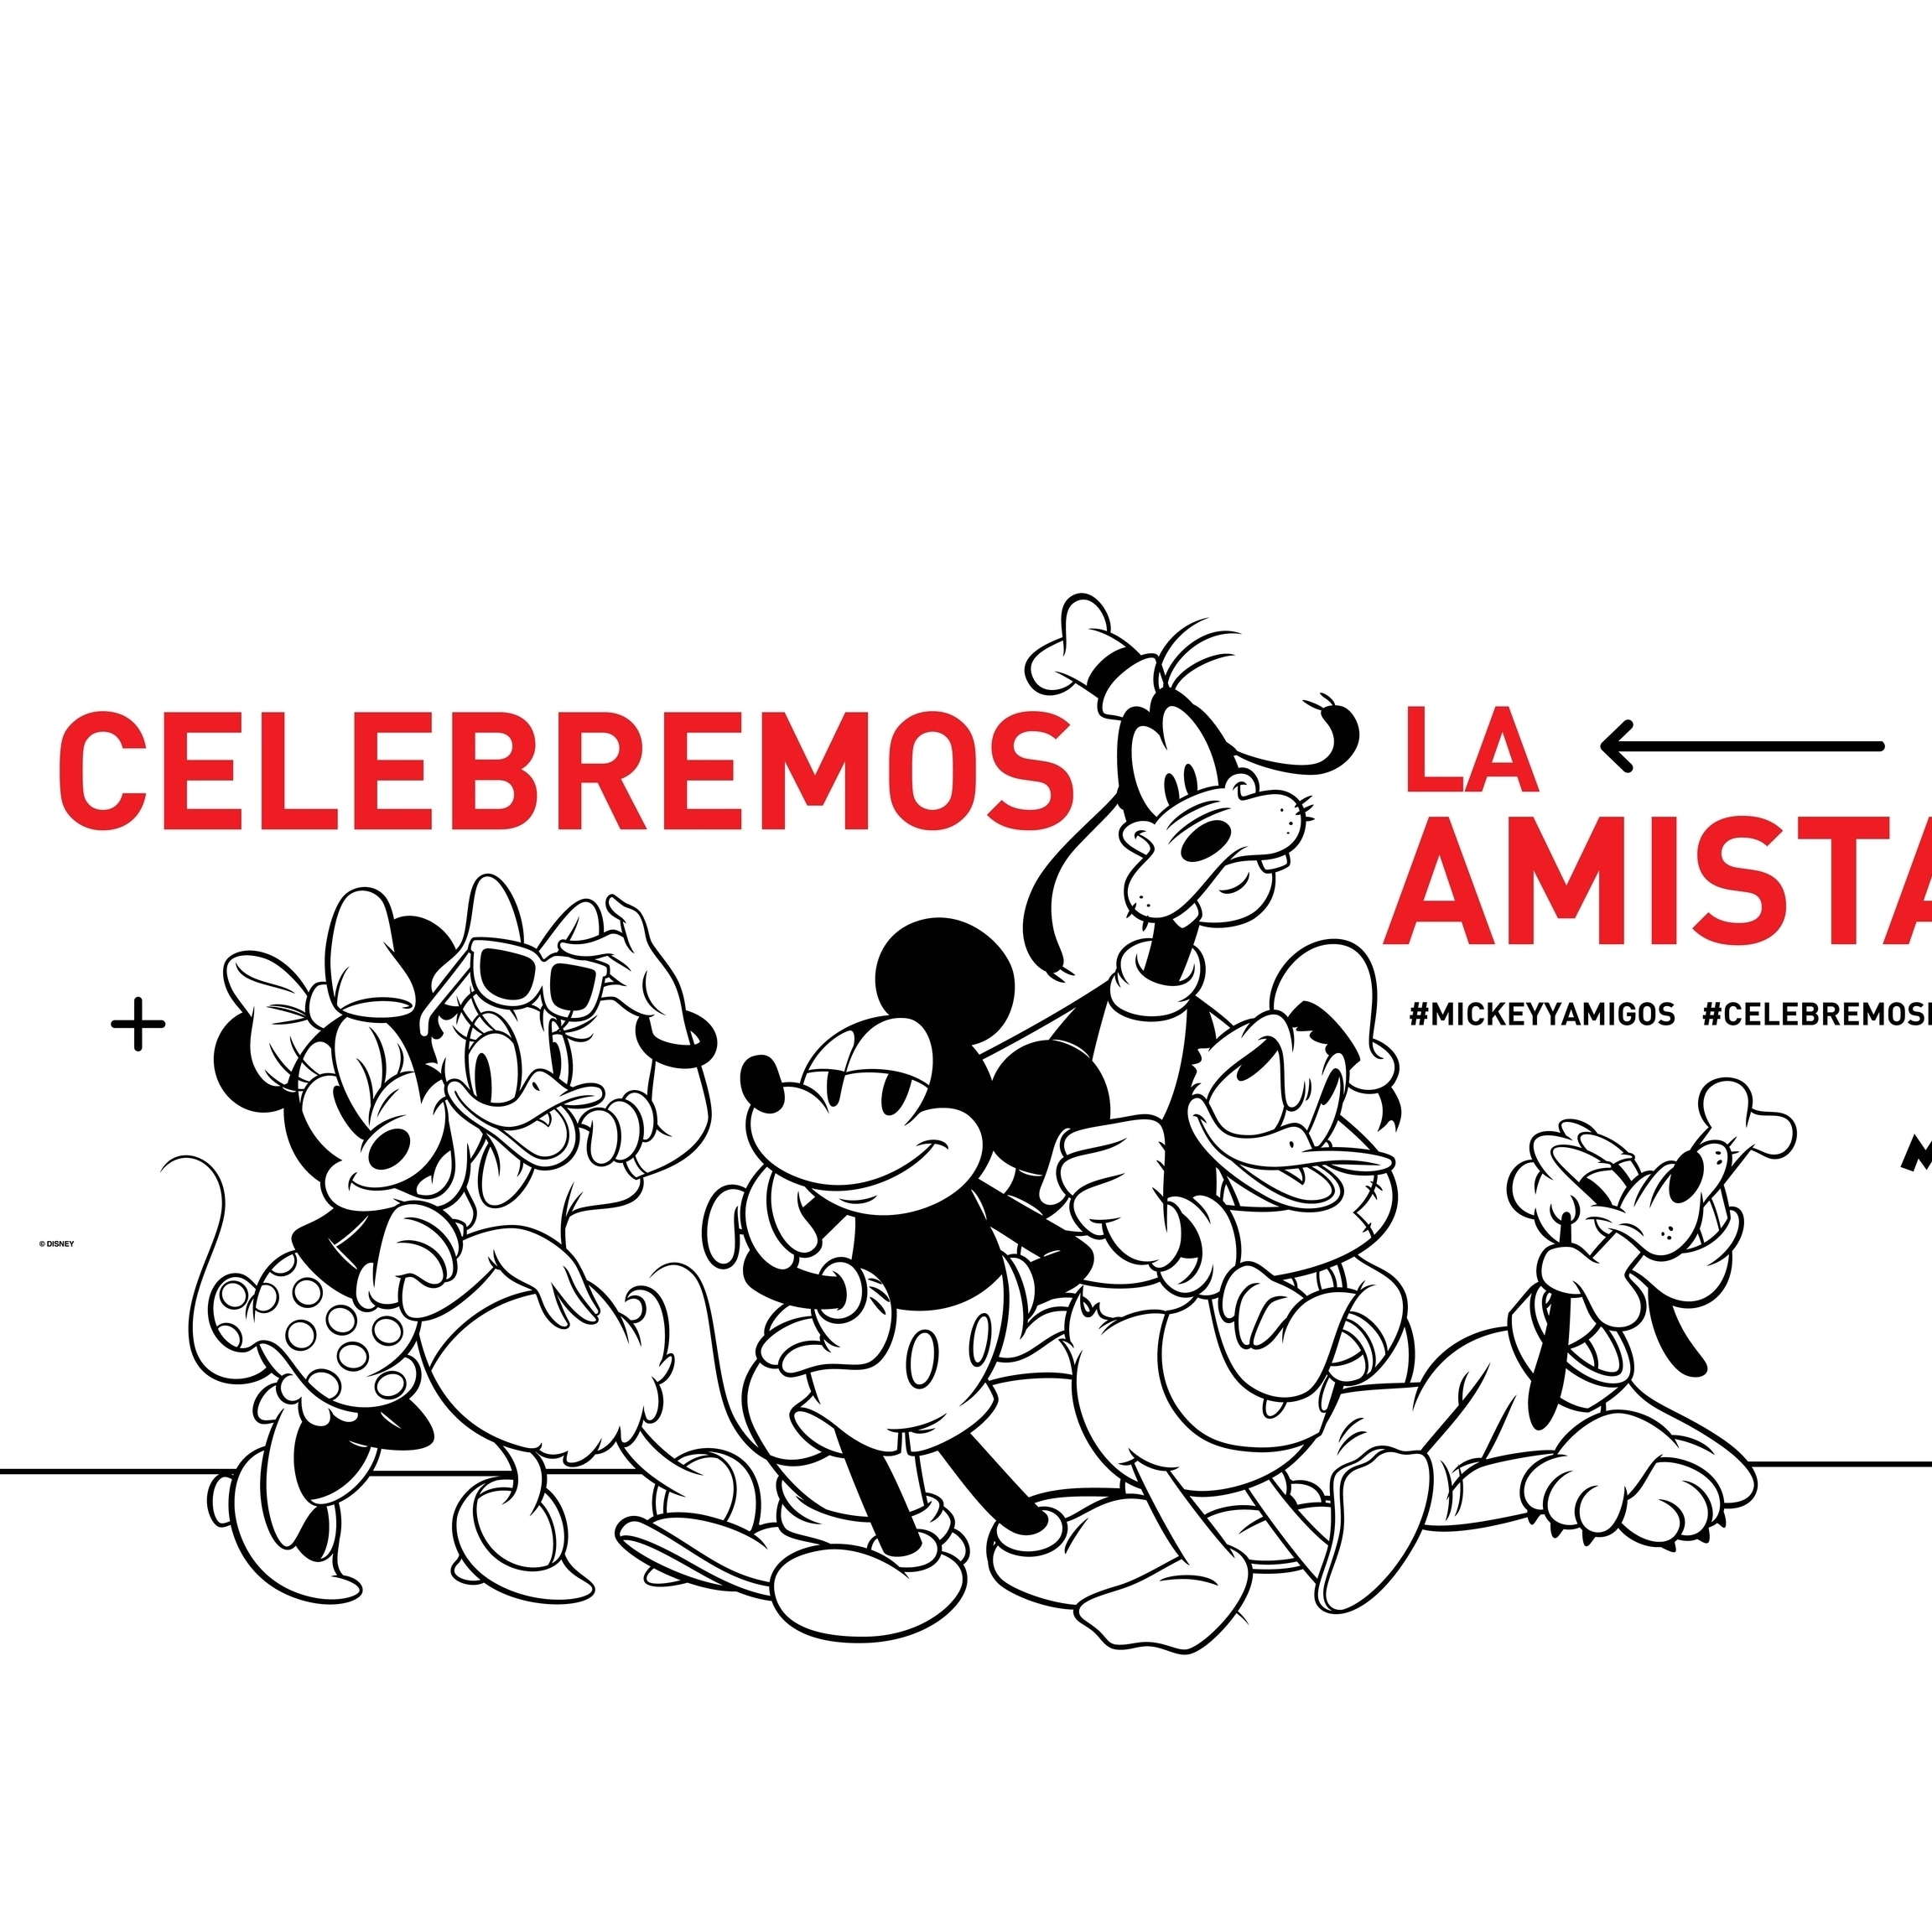 Mickey y Amigos - Celebremos la amistad